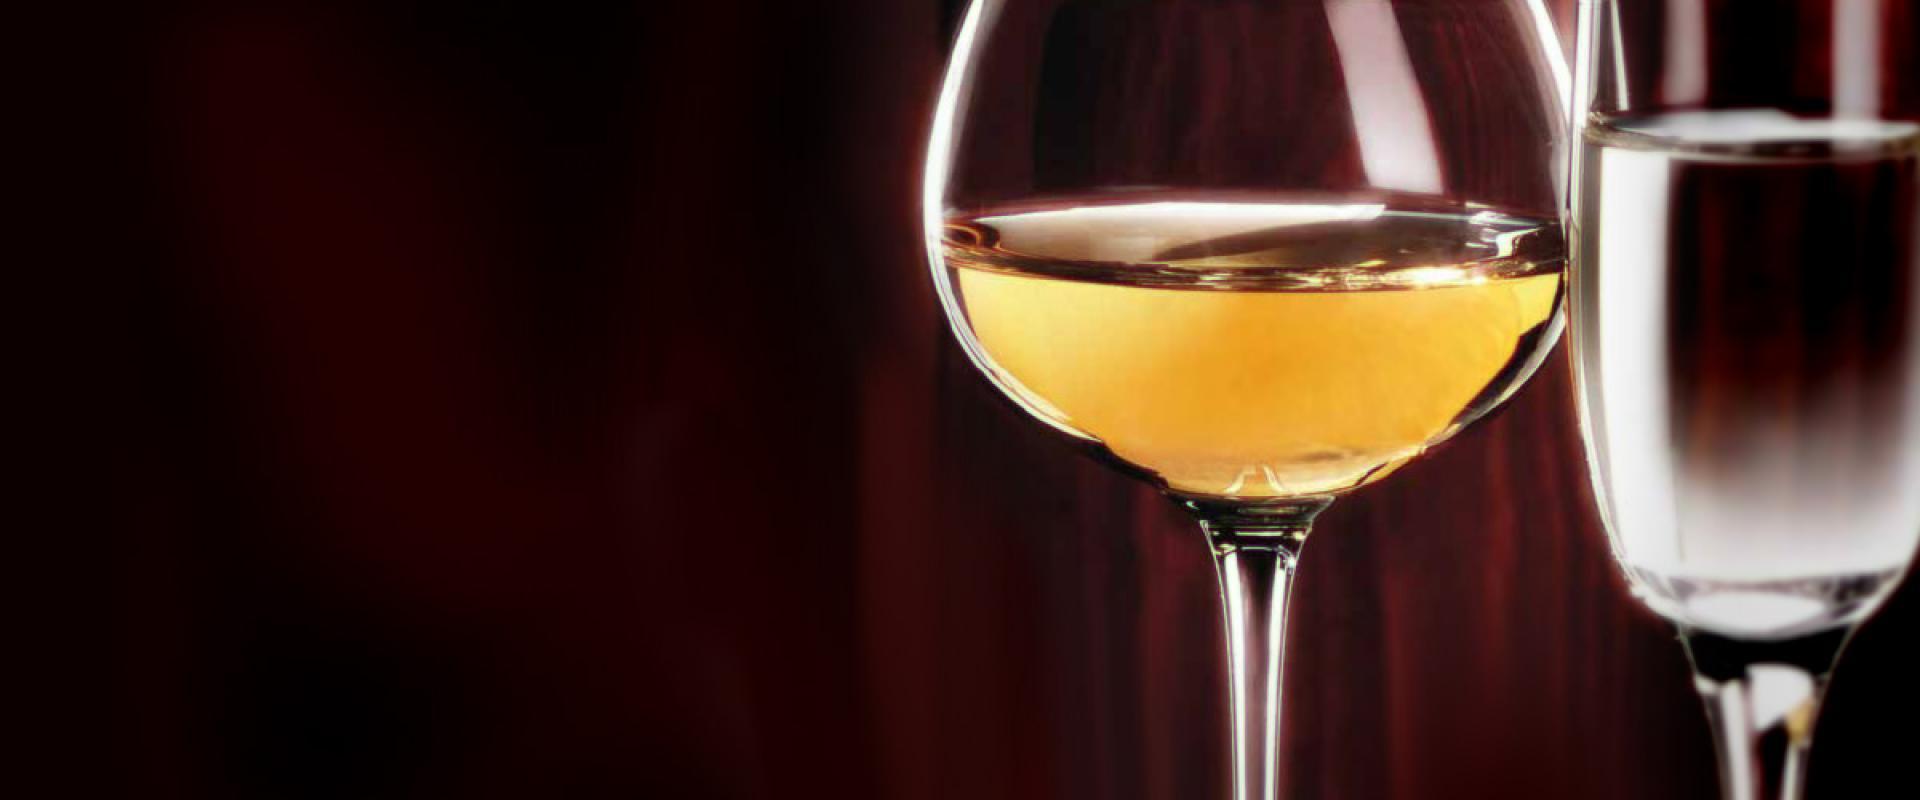 tasting of vin santo in tuscany